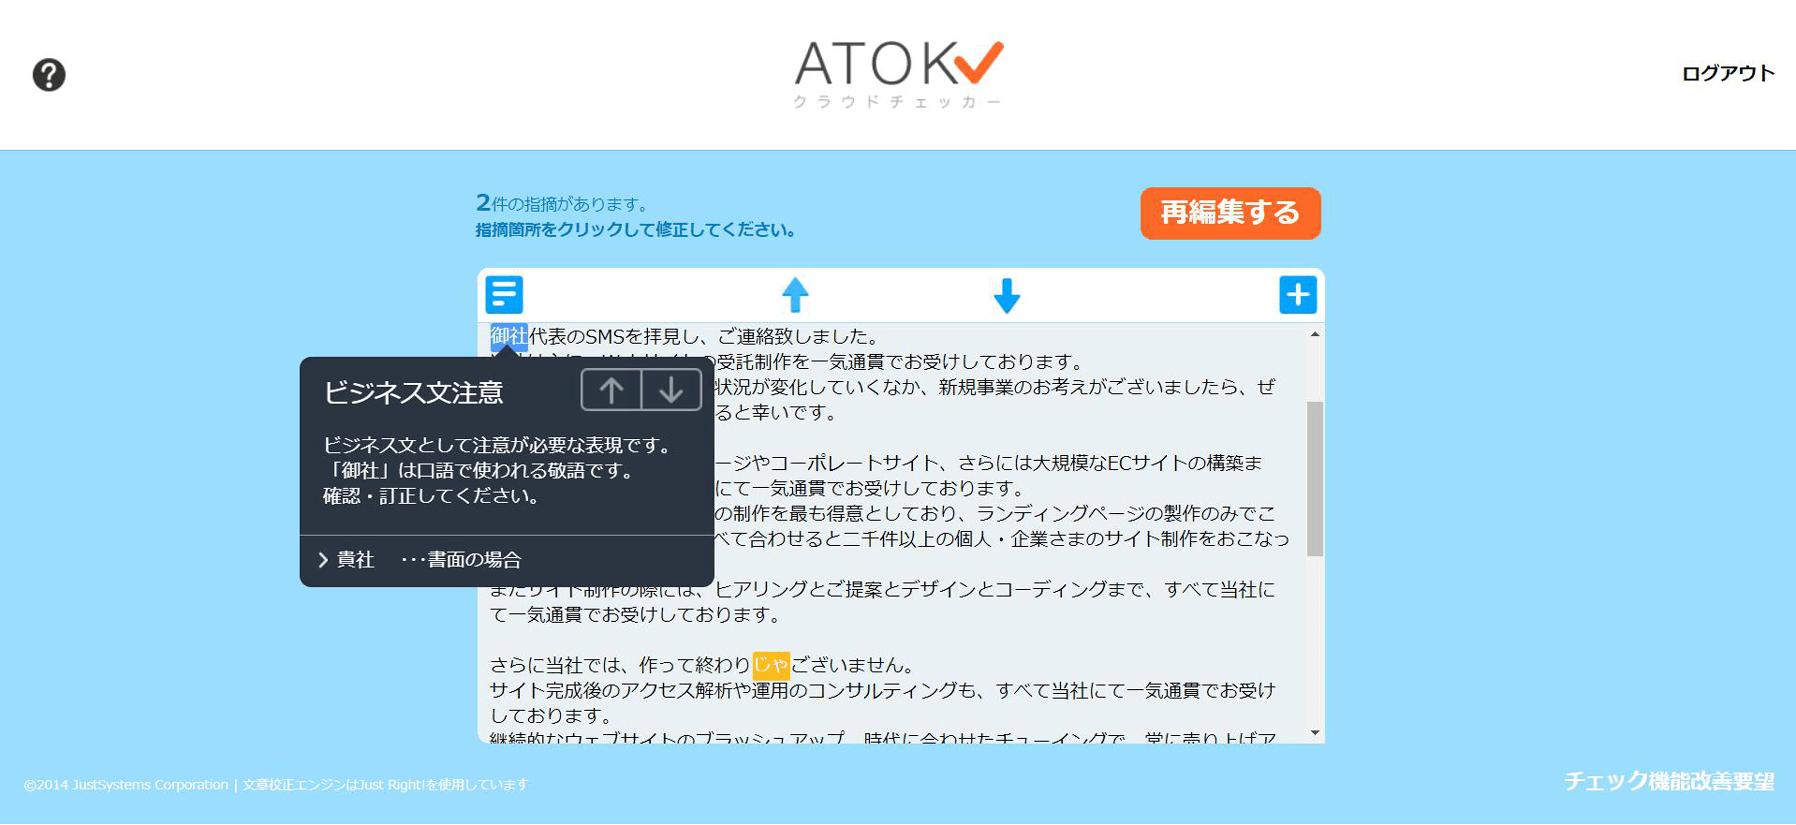 ATOKクラウドチェッカー使用画像3